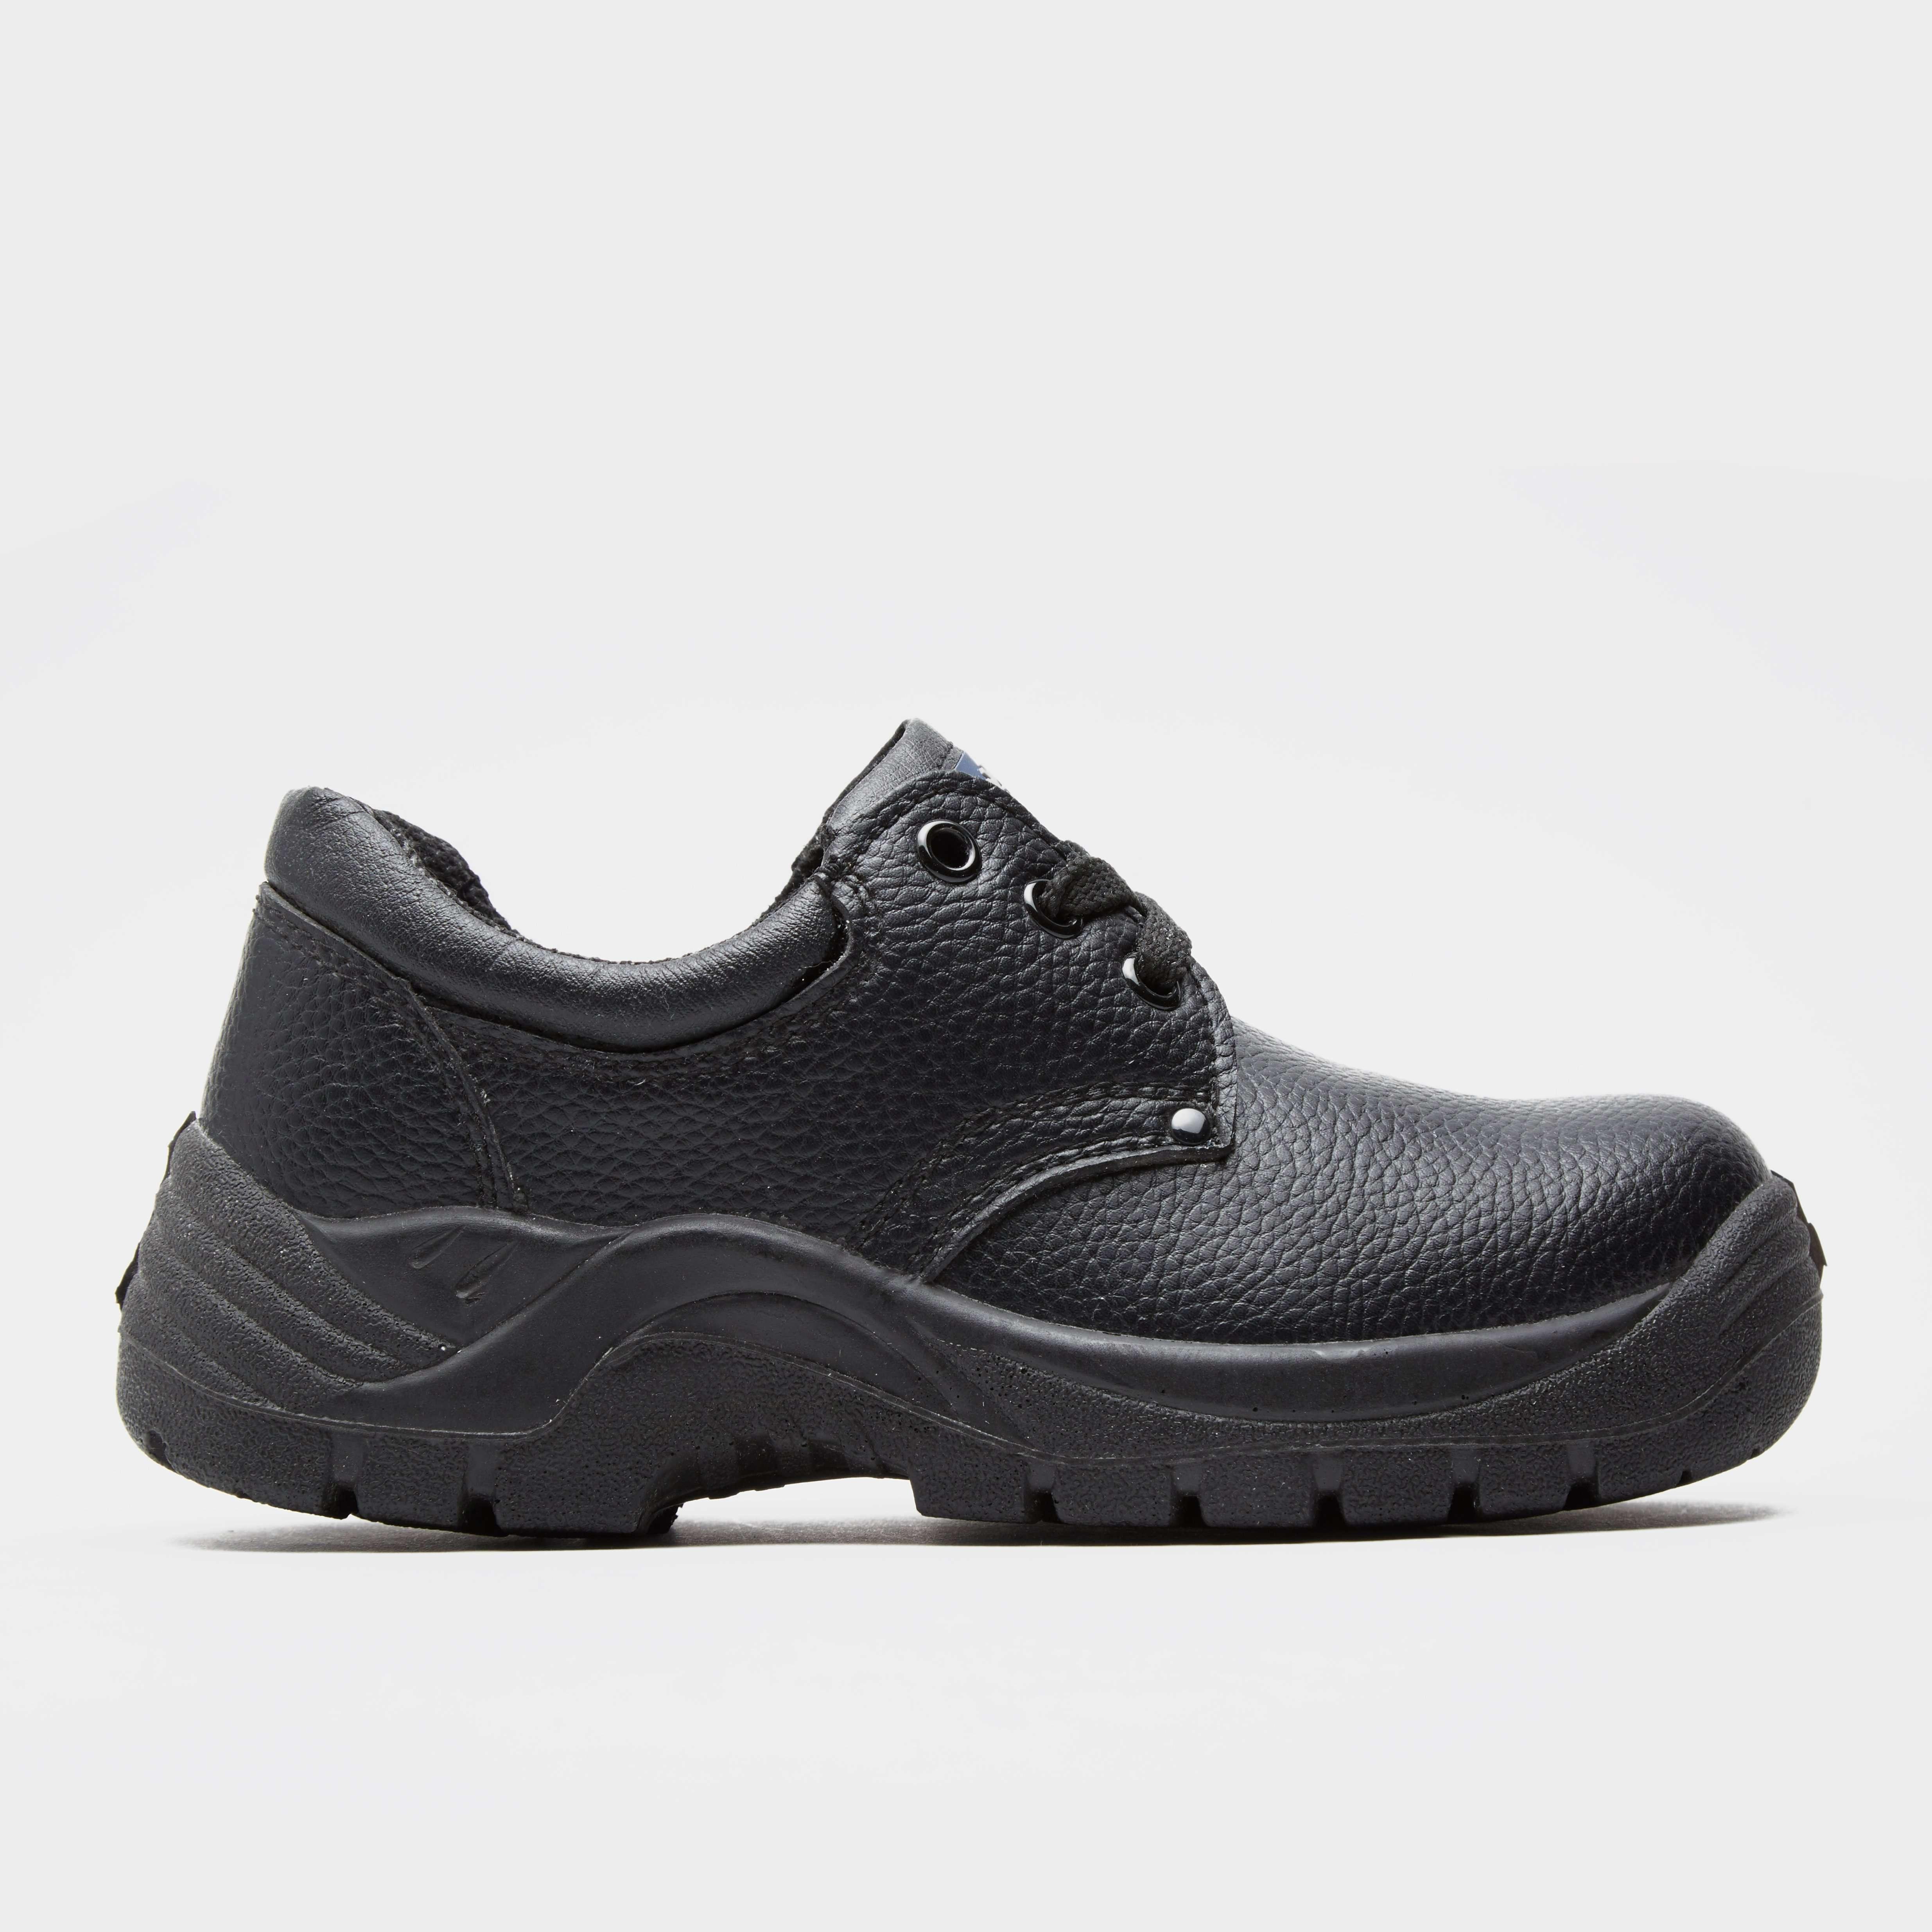 PRO MAN Men's Pro Man Chukka Shoes